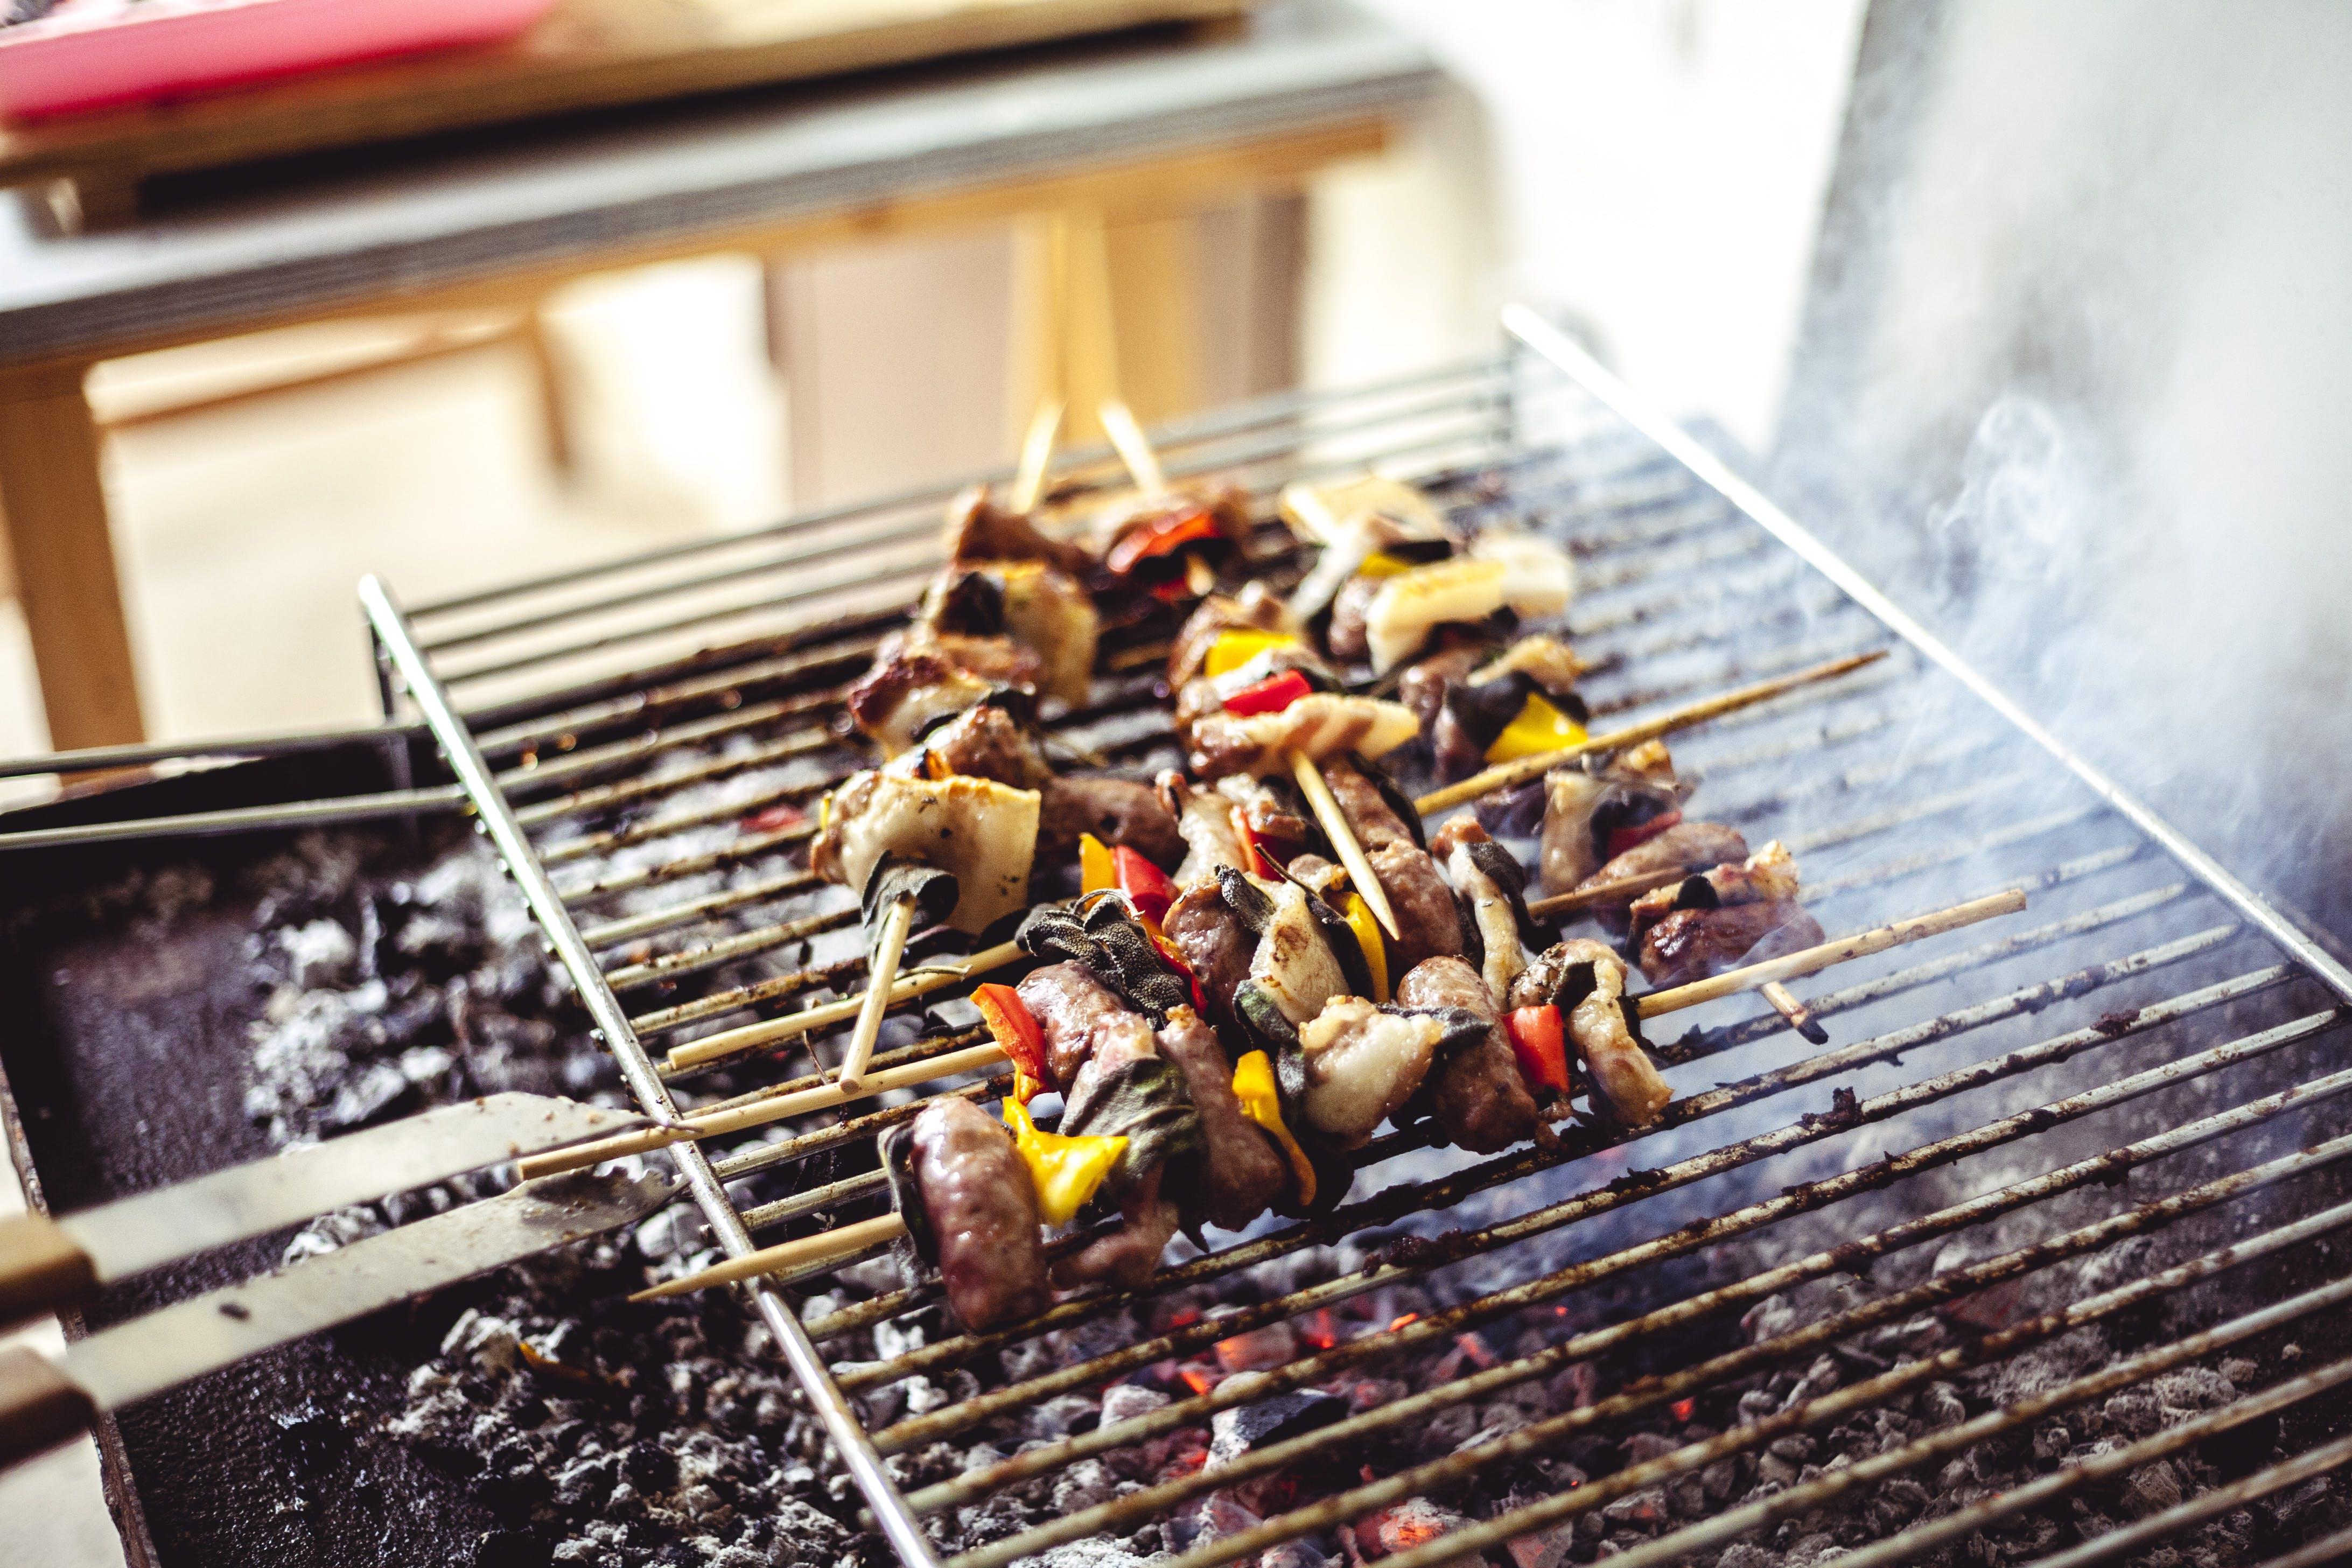 Δωρεάν στοκ φωτογραφιών με bbq, Cook out, βοδινό κρέας, γρίλιες